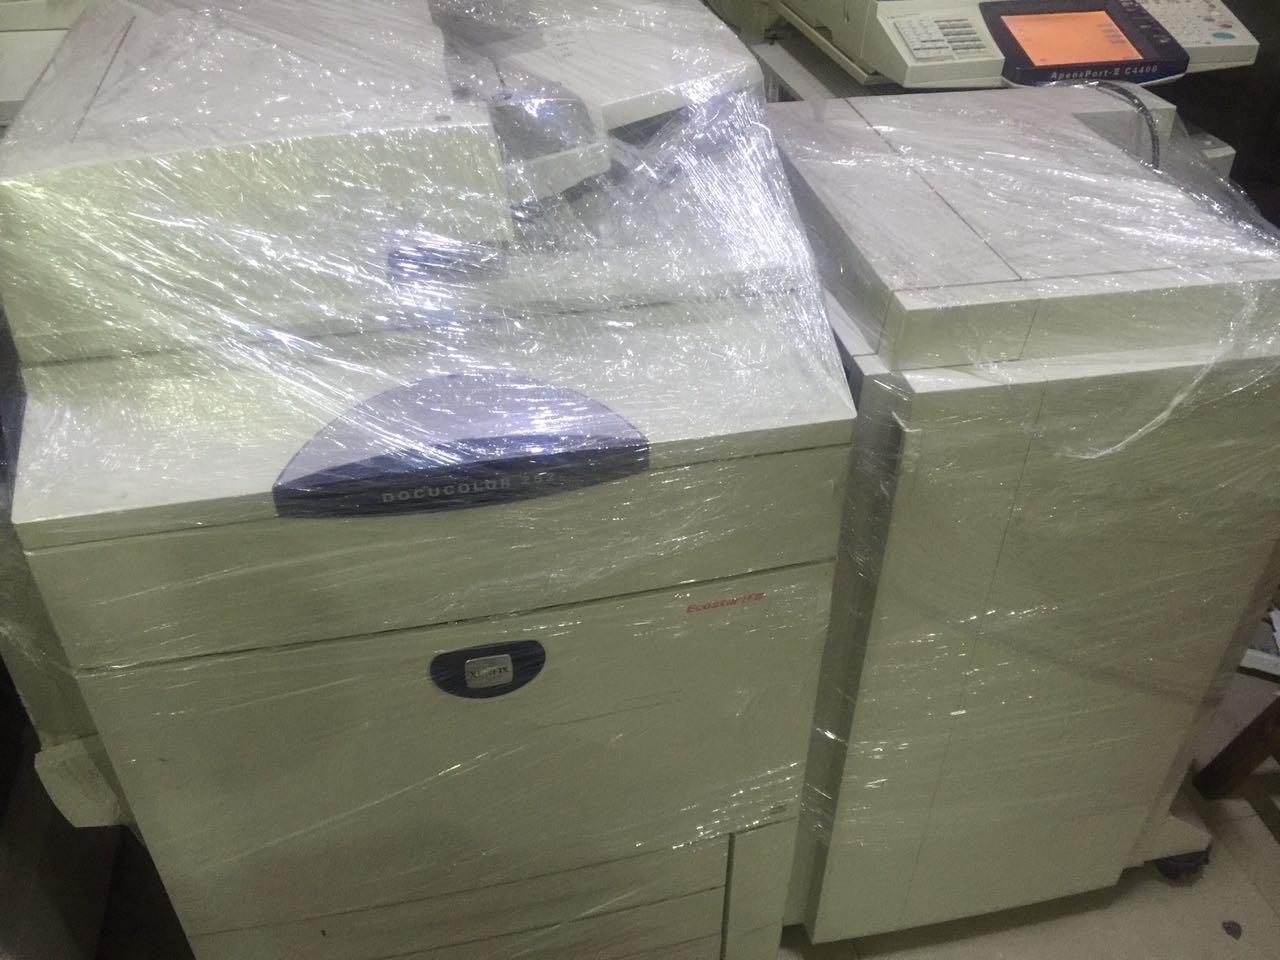 买品质好的泰兴打印机当选超印速办公设备|泰兴爱普生打印机维修